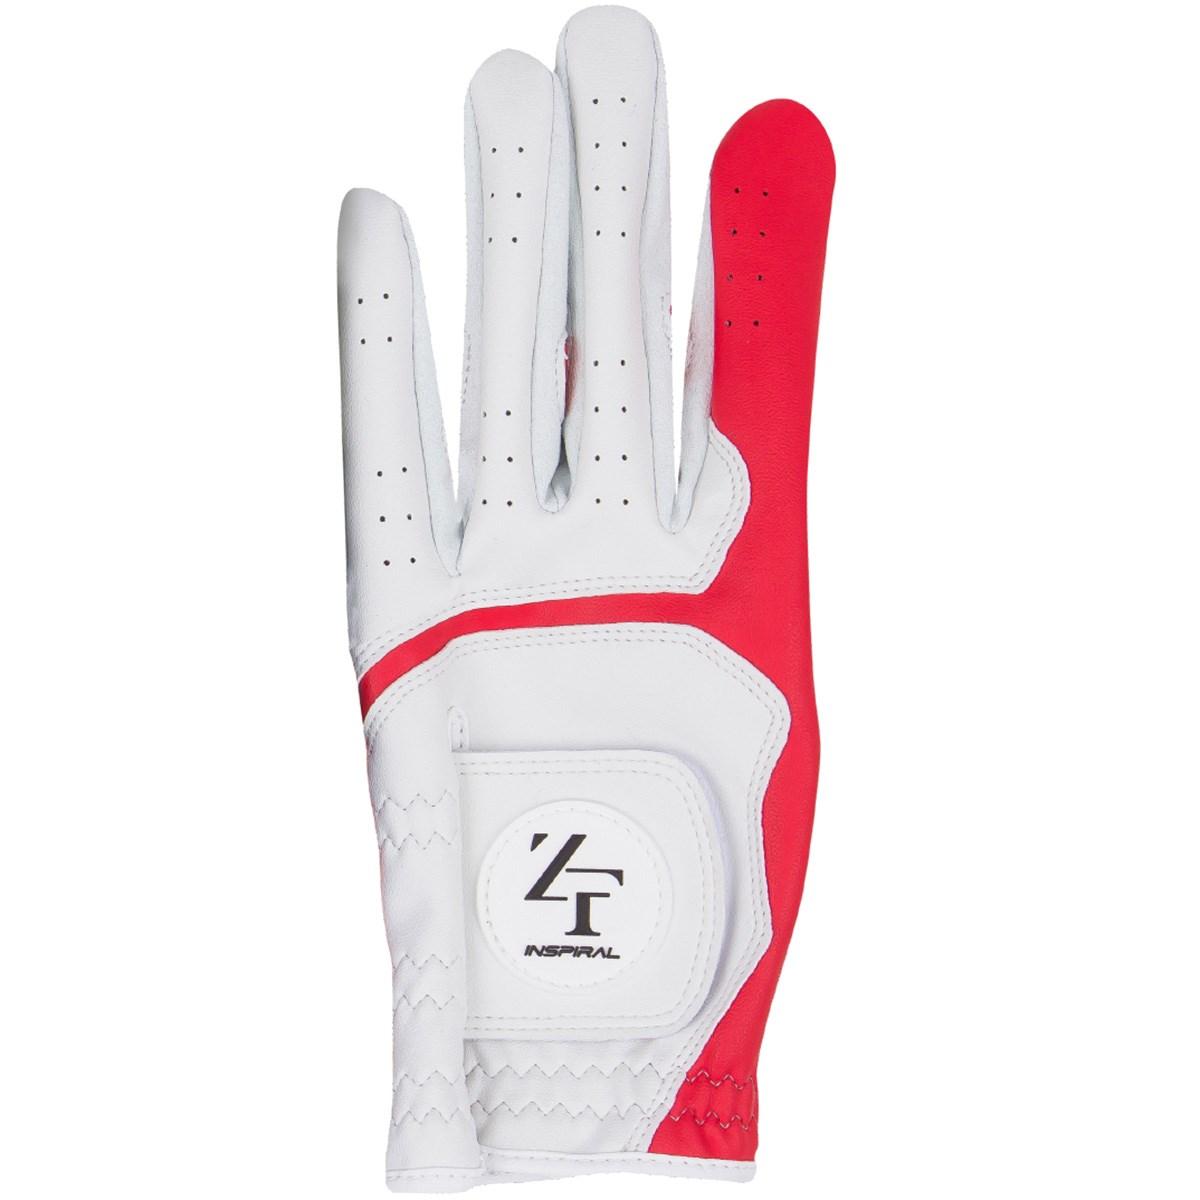 イオンスポーツ ZERO FIT インスパイラル ワンサイズグローブ フリー 左手着用(右利き用) レッド